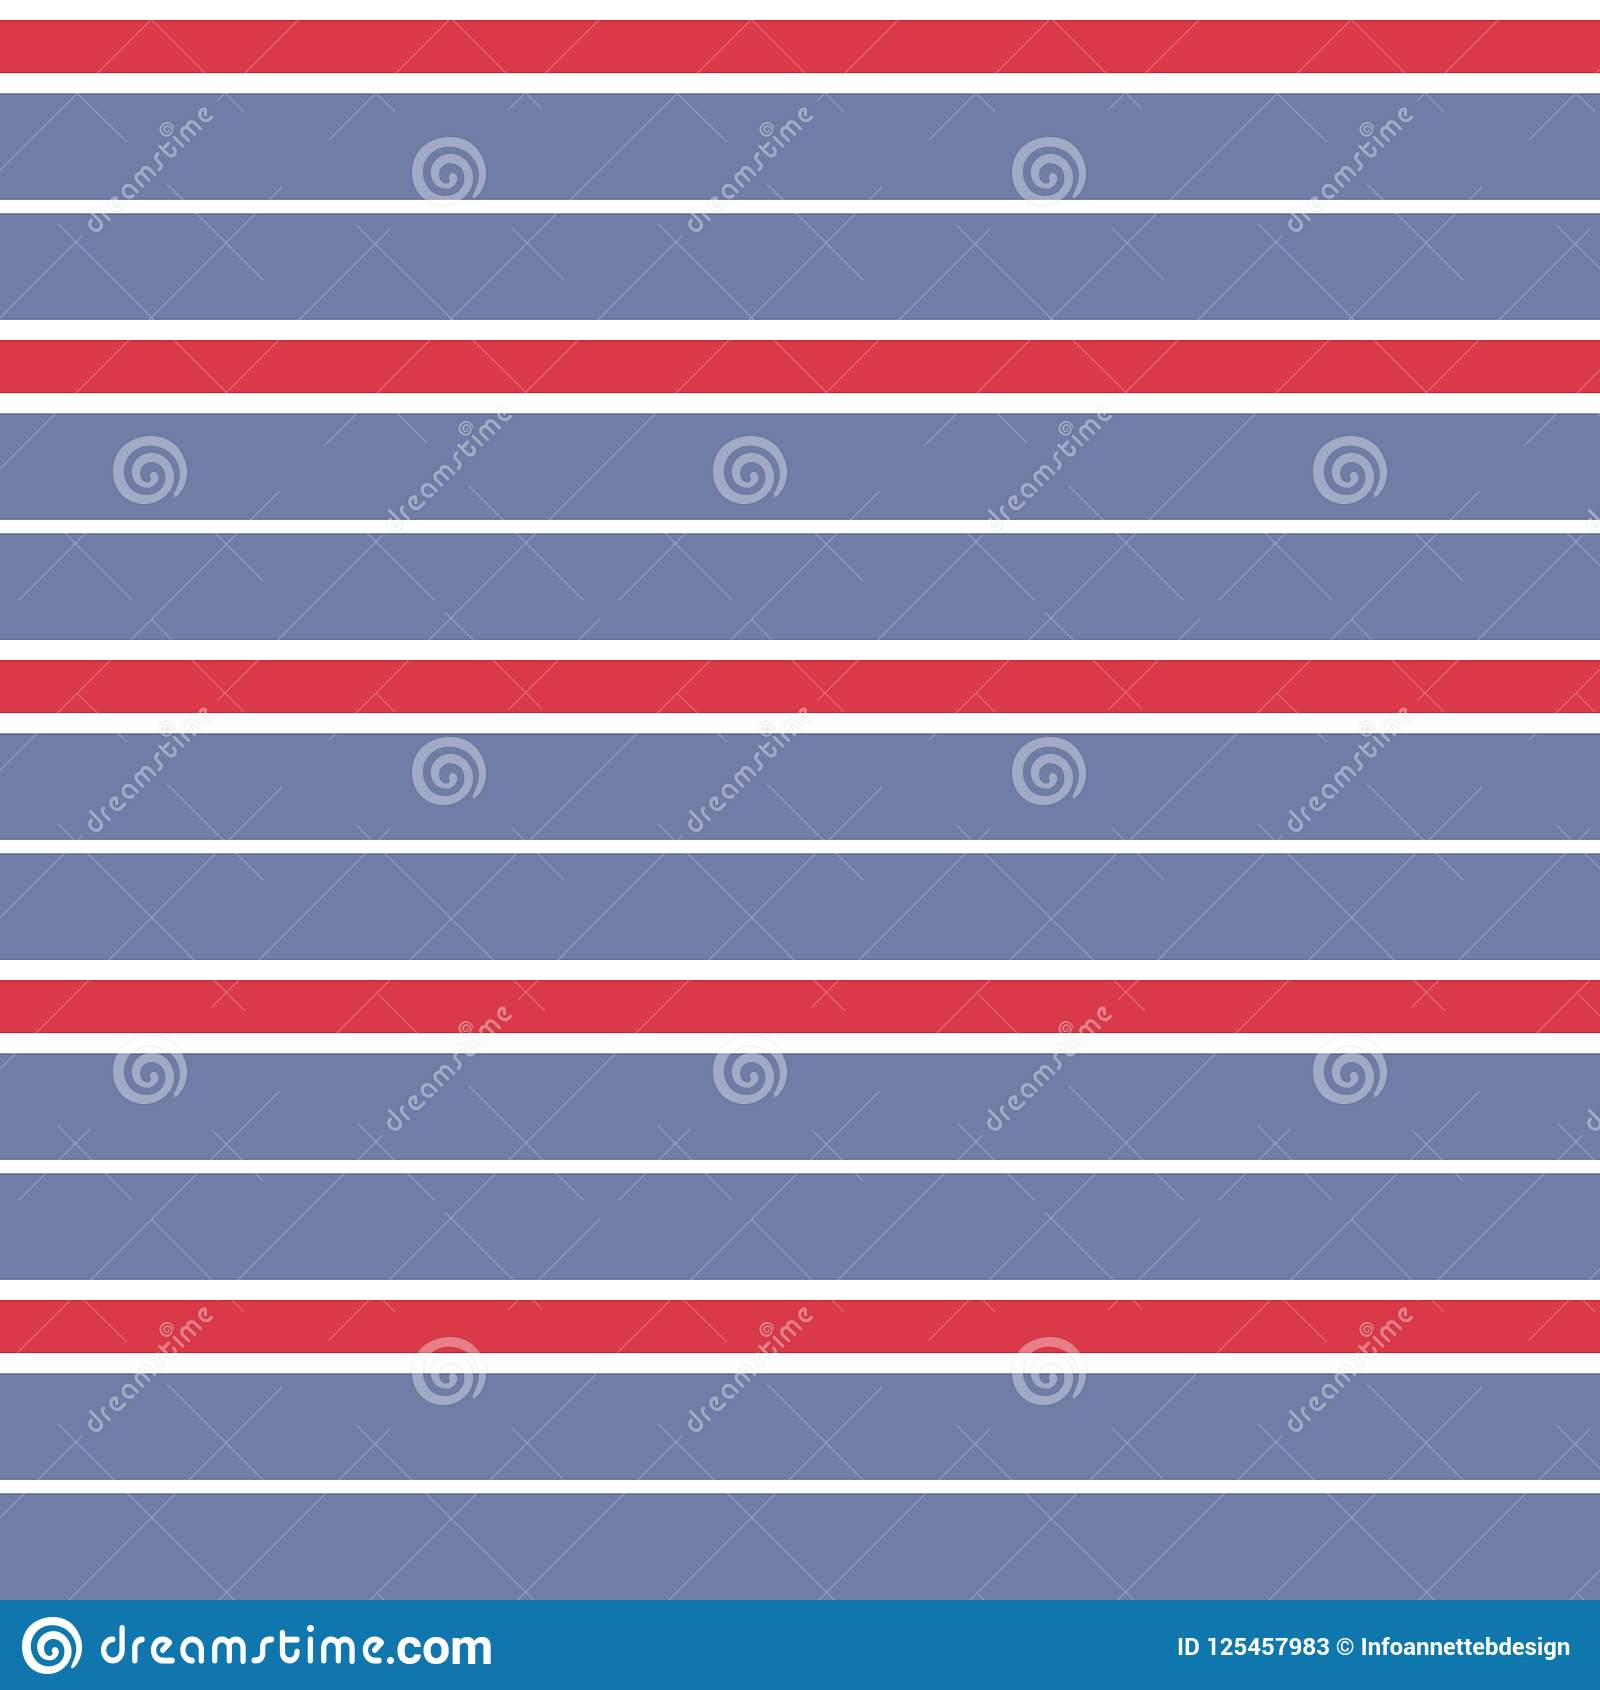 Modèle inégal de rayure de vecteur sans couture avec le fond bleu de rayures rouges, blanc, et fané parallèle horizontal coloré